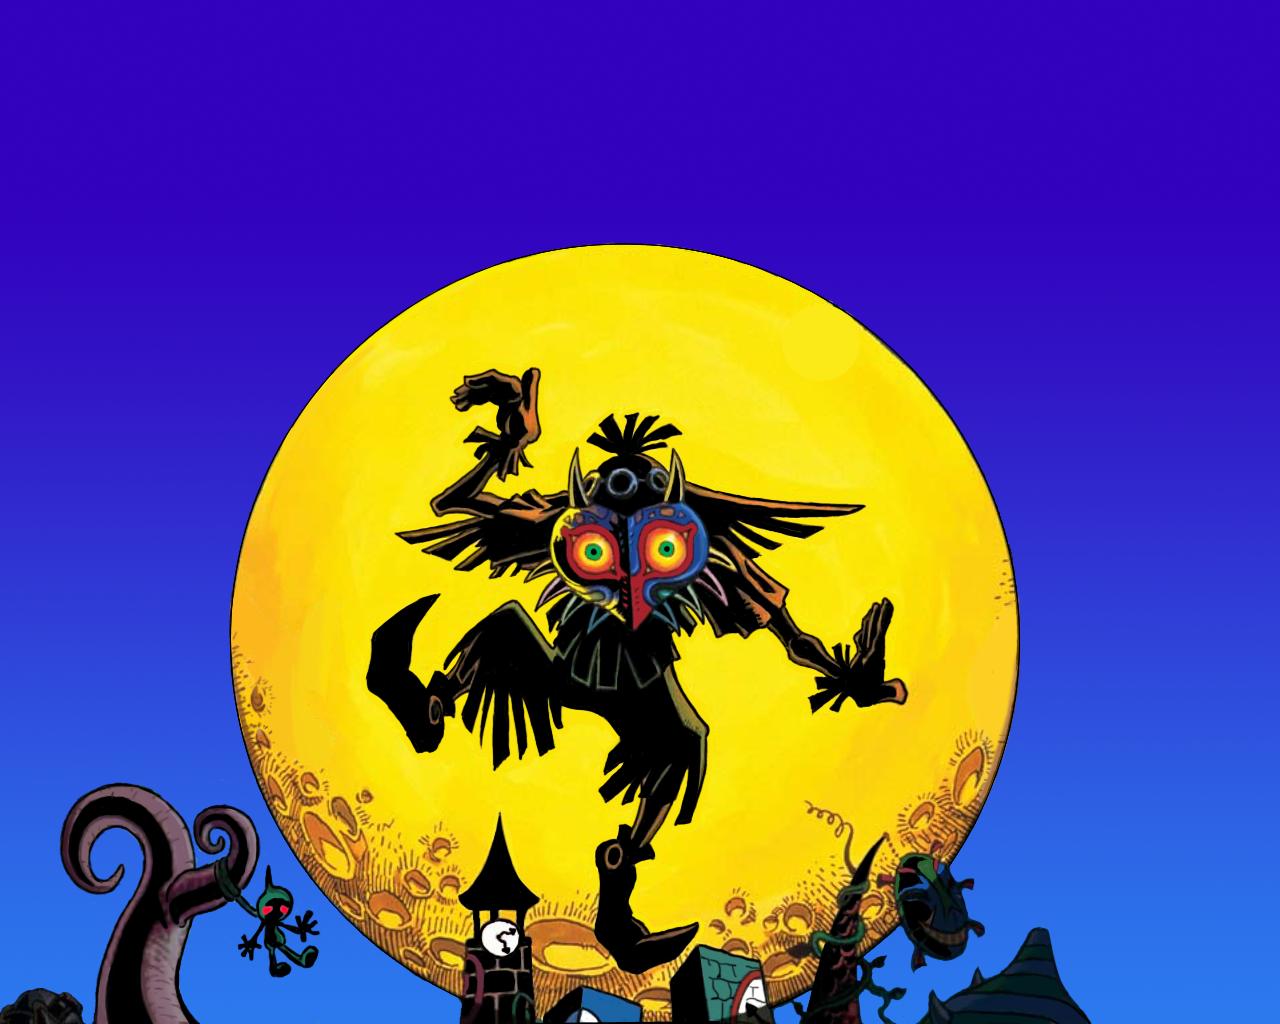 Amazing Wallpaper Halloween Zelda - legend_of_zelda___majora__s_mask_wallpaper_by_demi_feind-d4igswy  Trends_975296.png